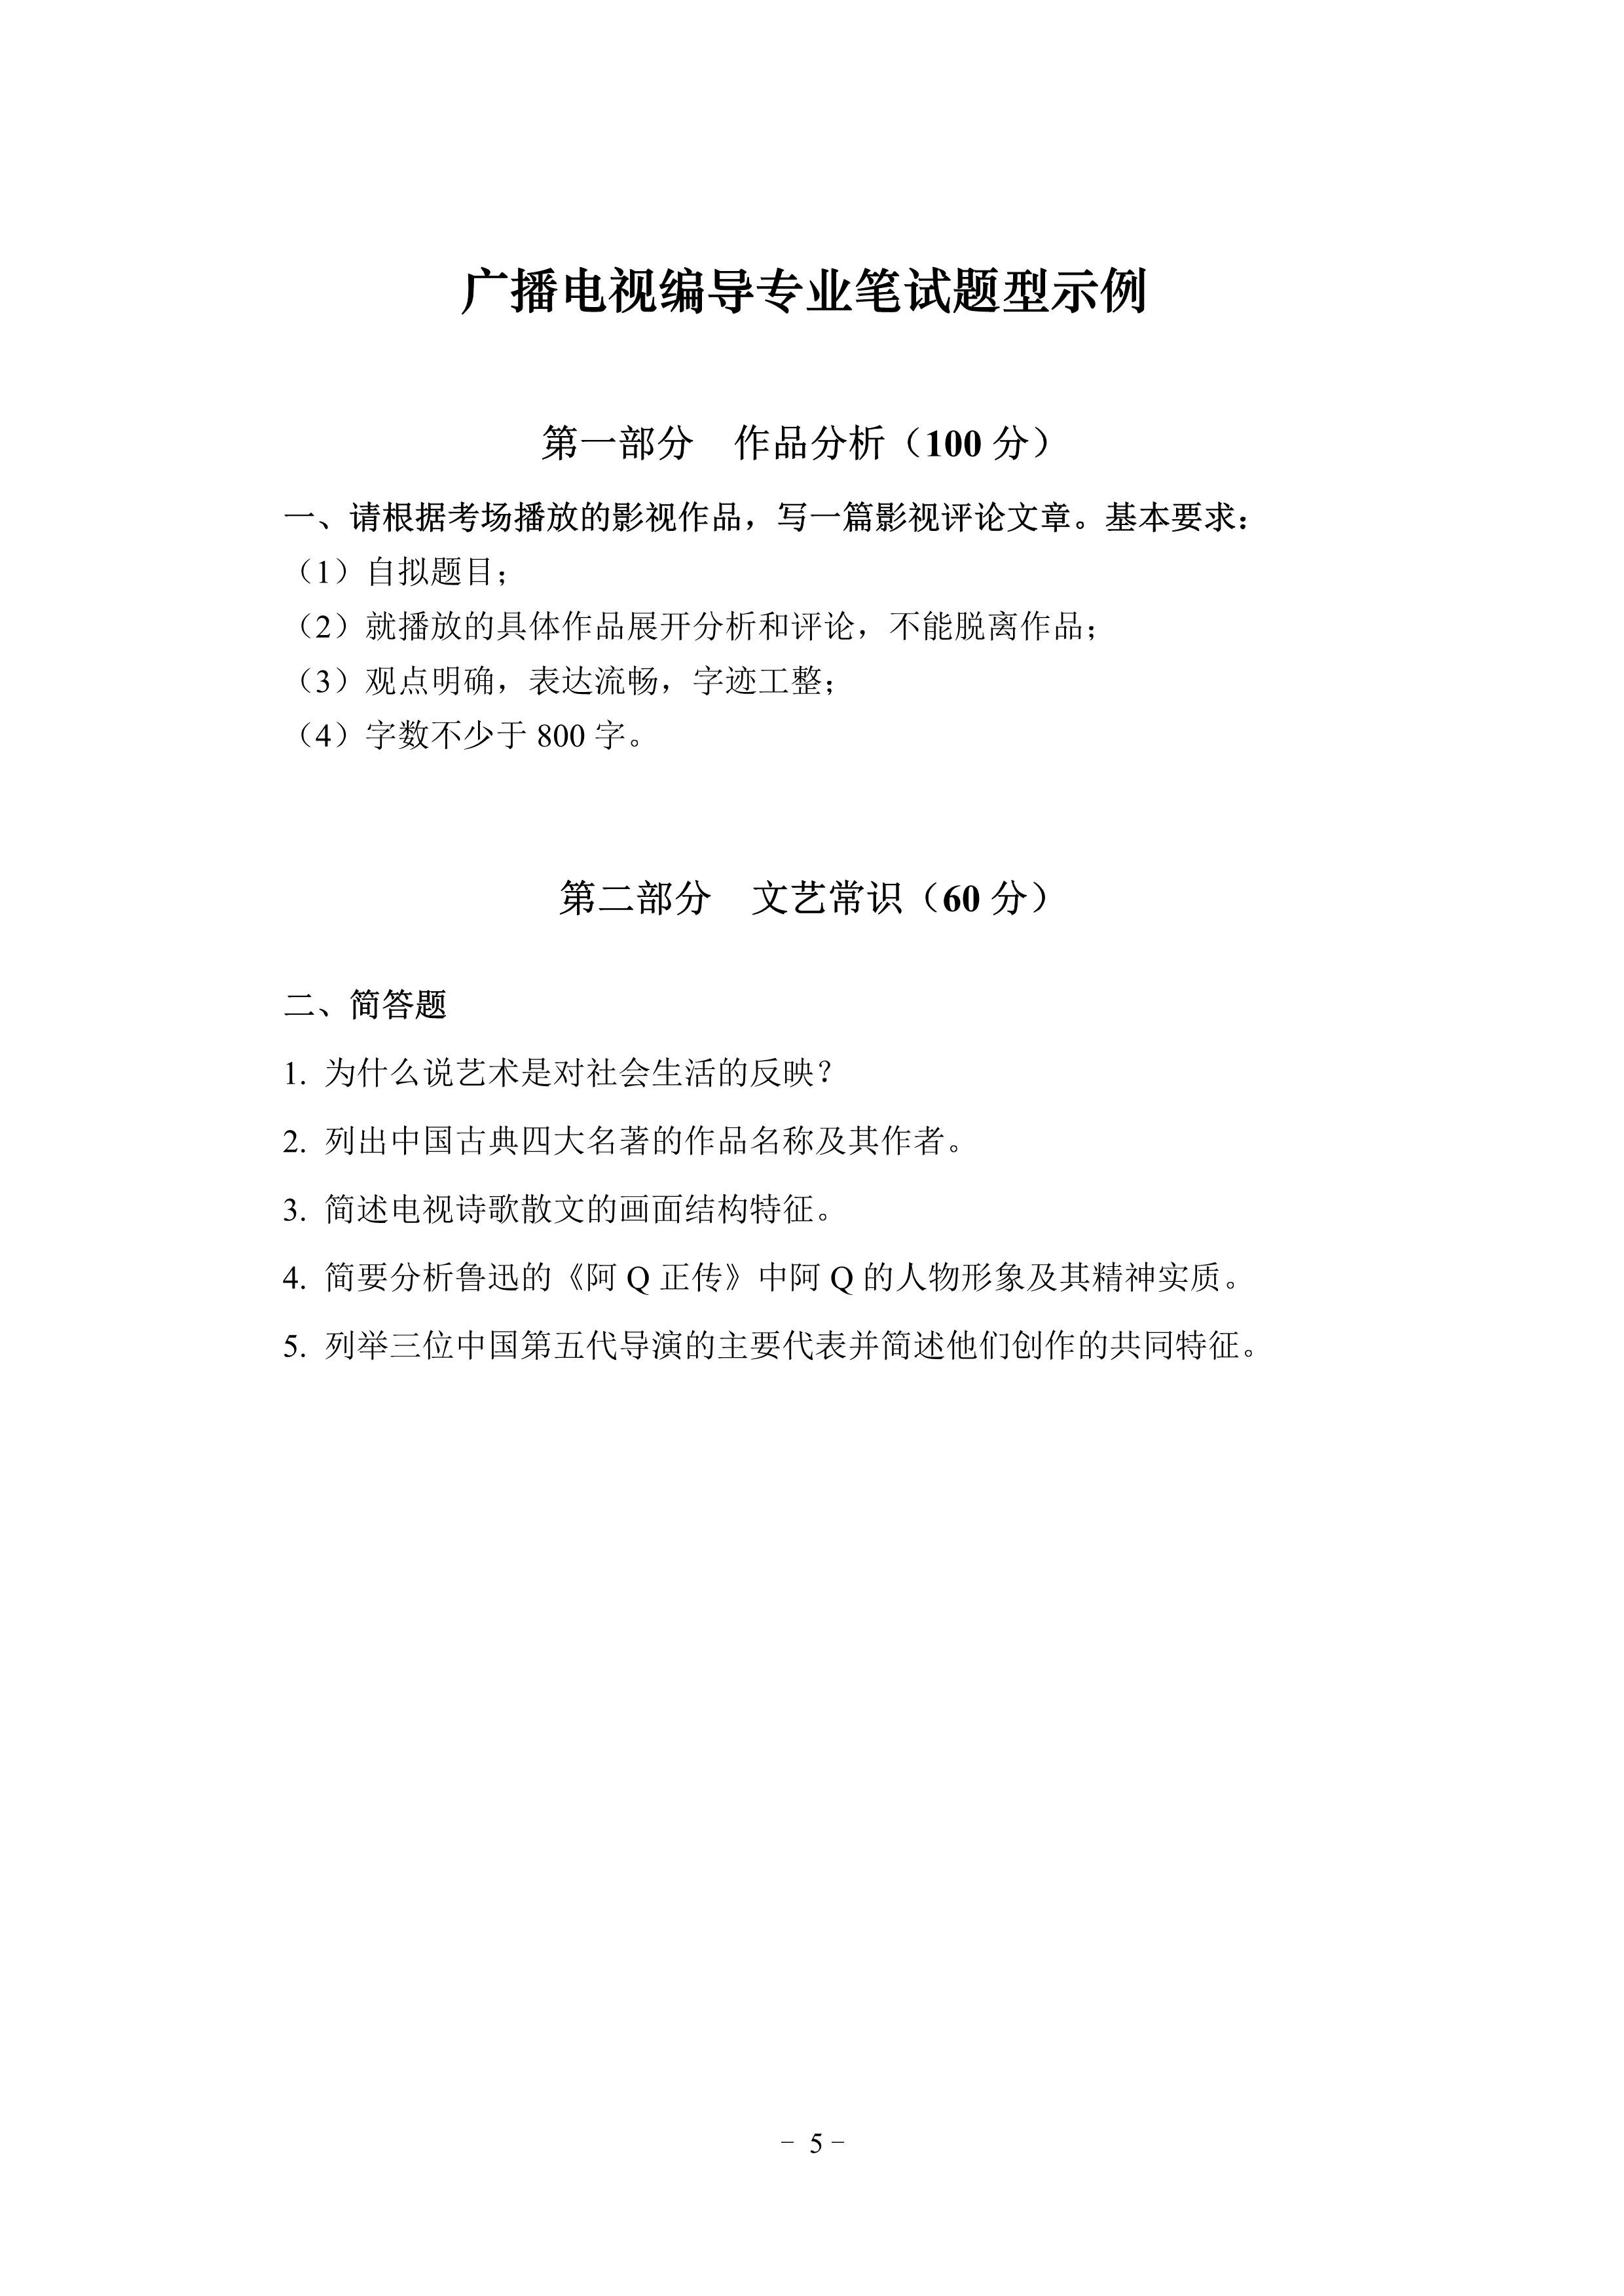 2022年湖北省艺术类统考(广播电视编导专业)考试大纲_5.jpg